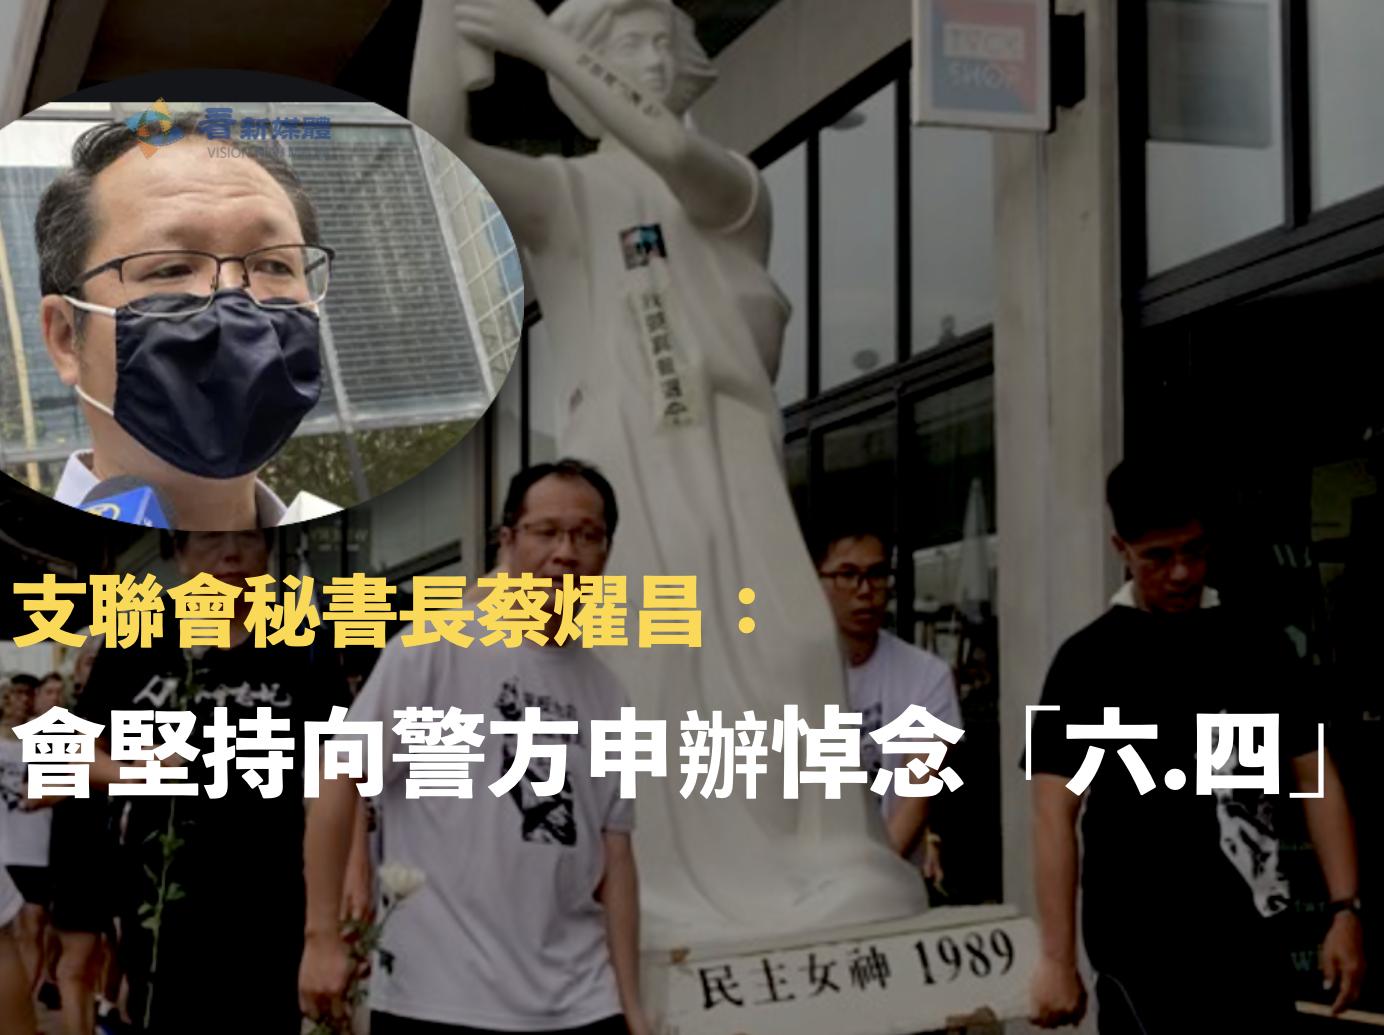 支聯會秘書長蔡燿昌:會堅持向警方申辦悼念「六.四」